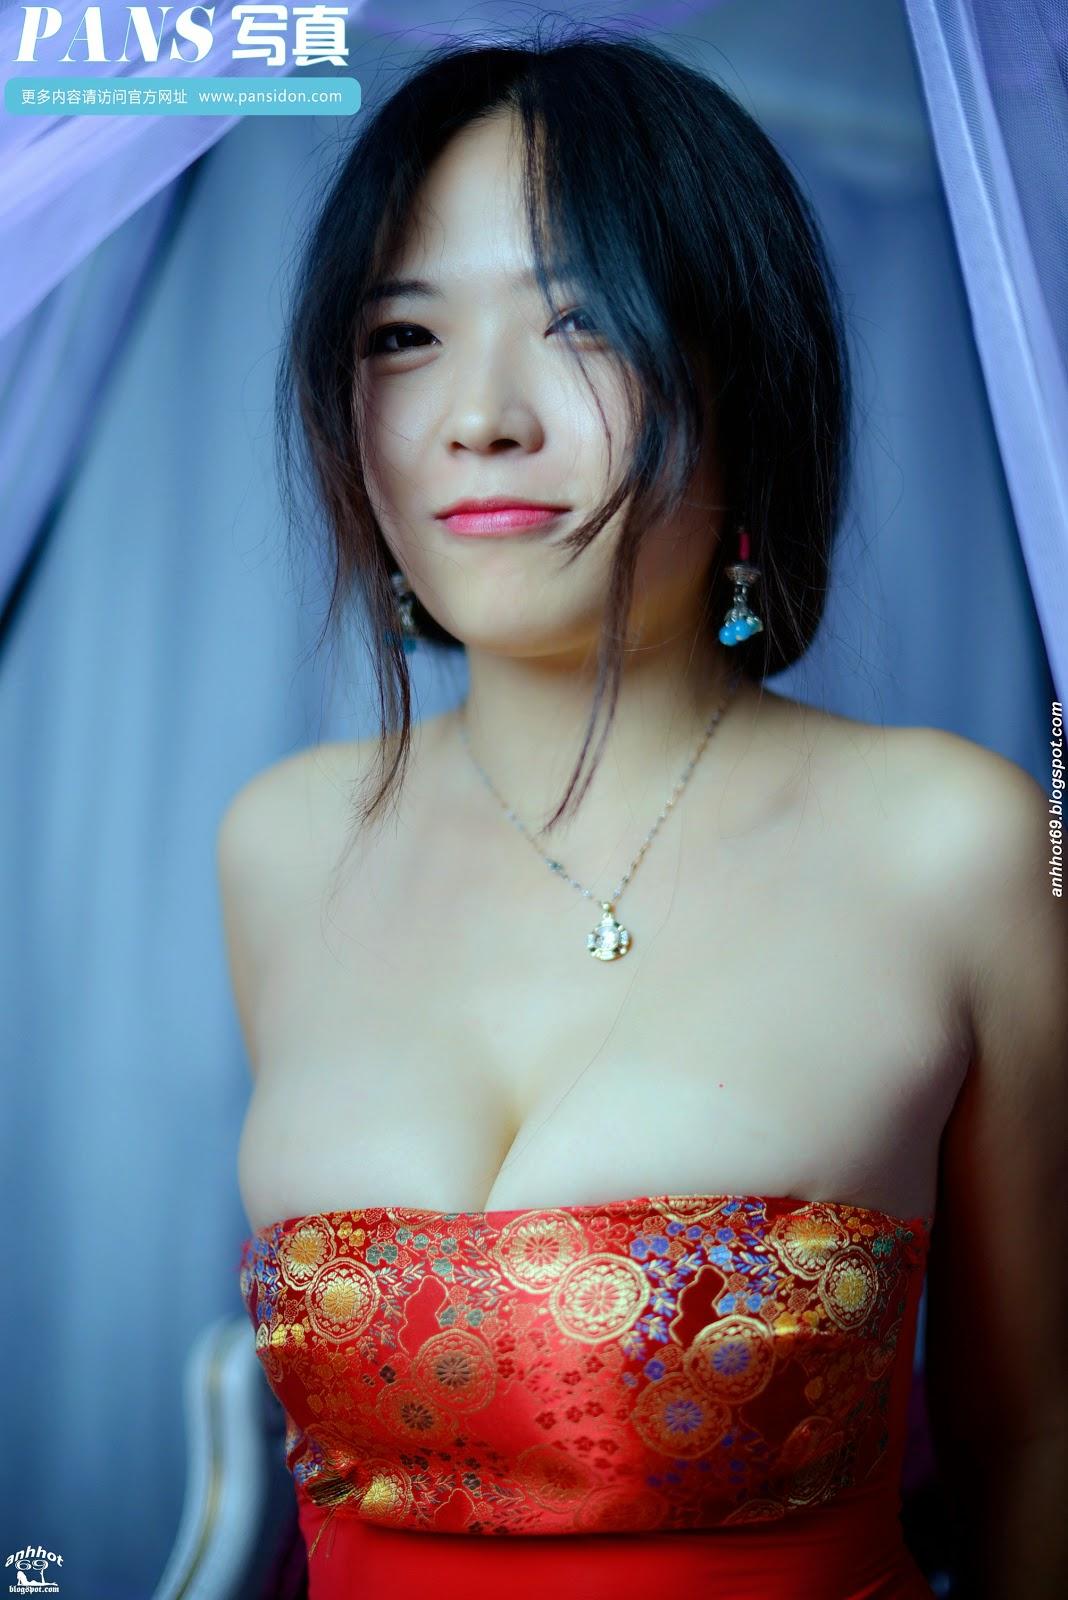 yuhan-pansidon-02851569